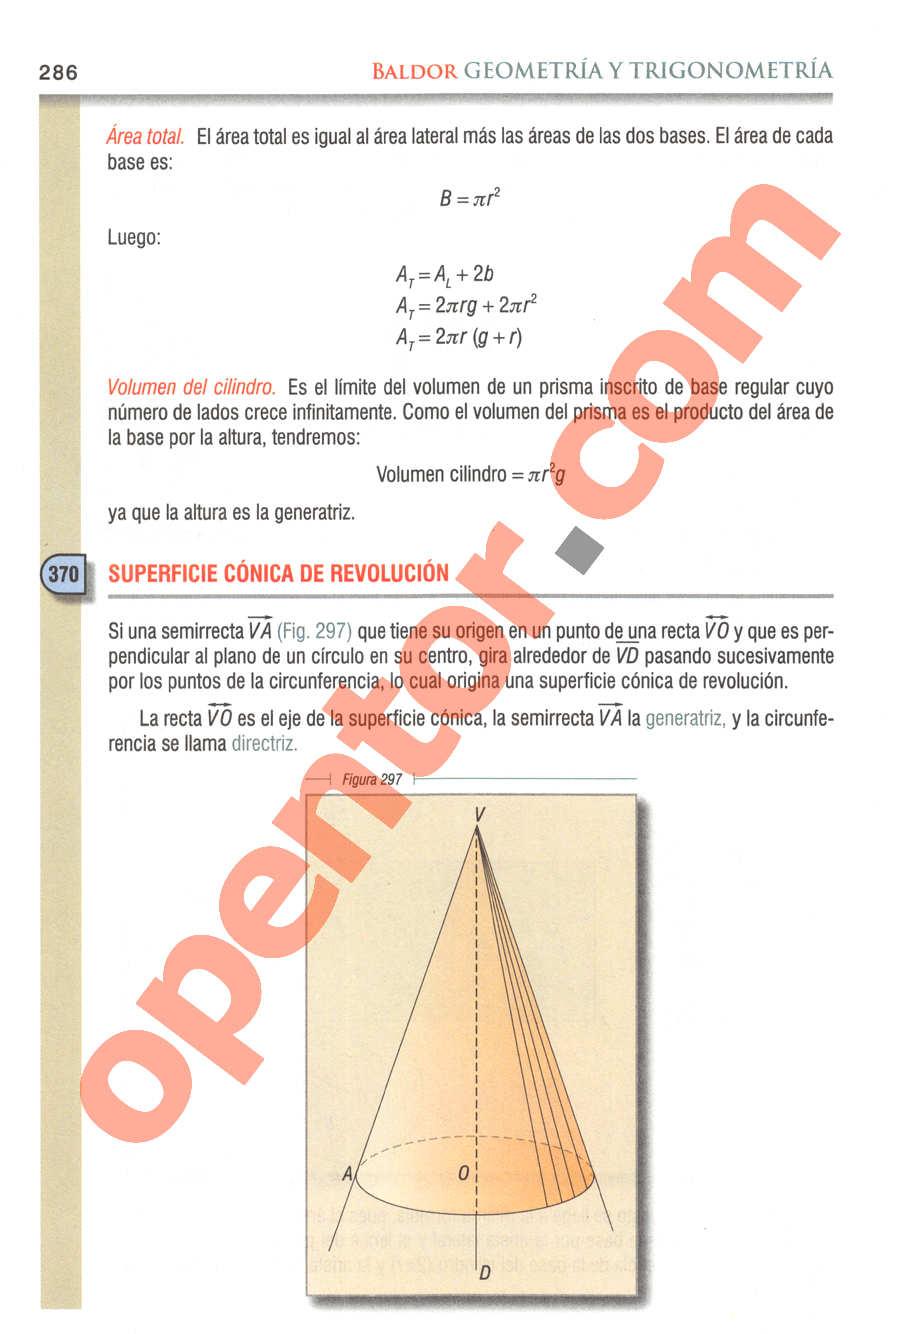 Geometría y Trigonometría de Baldor - Página 286